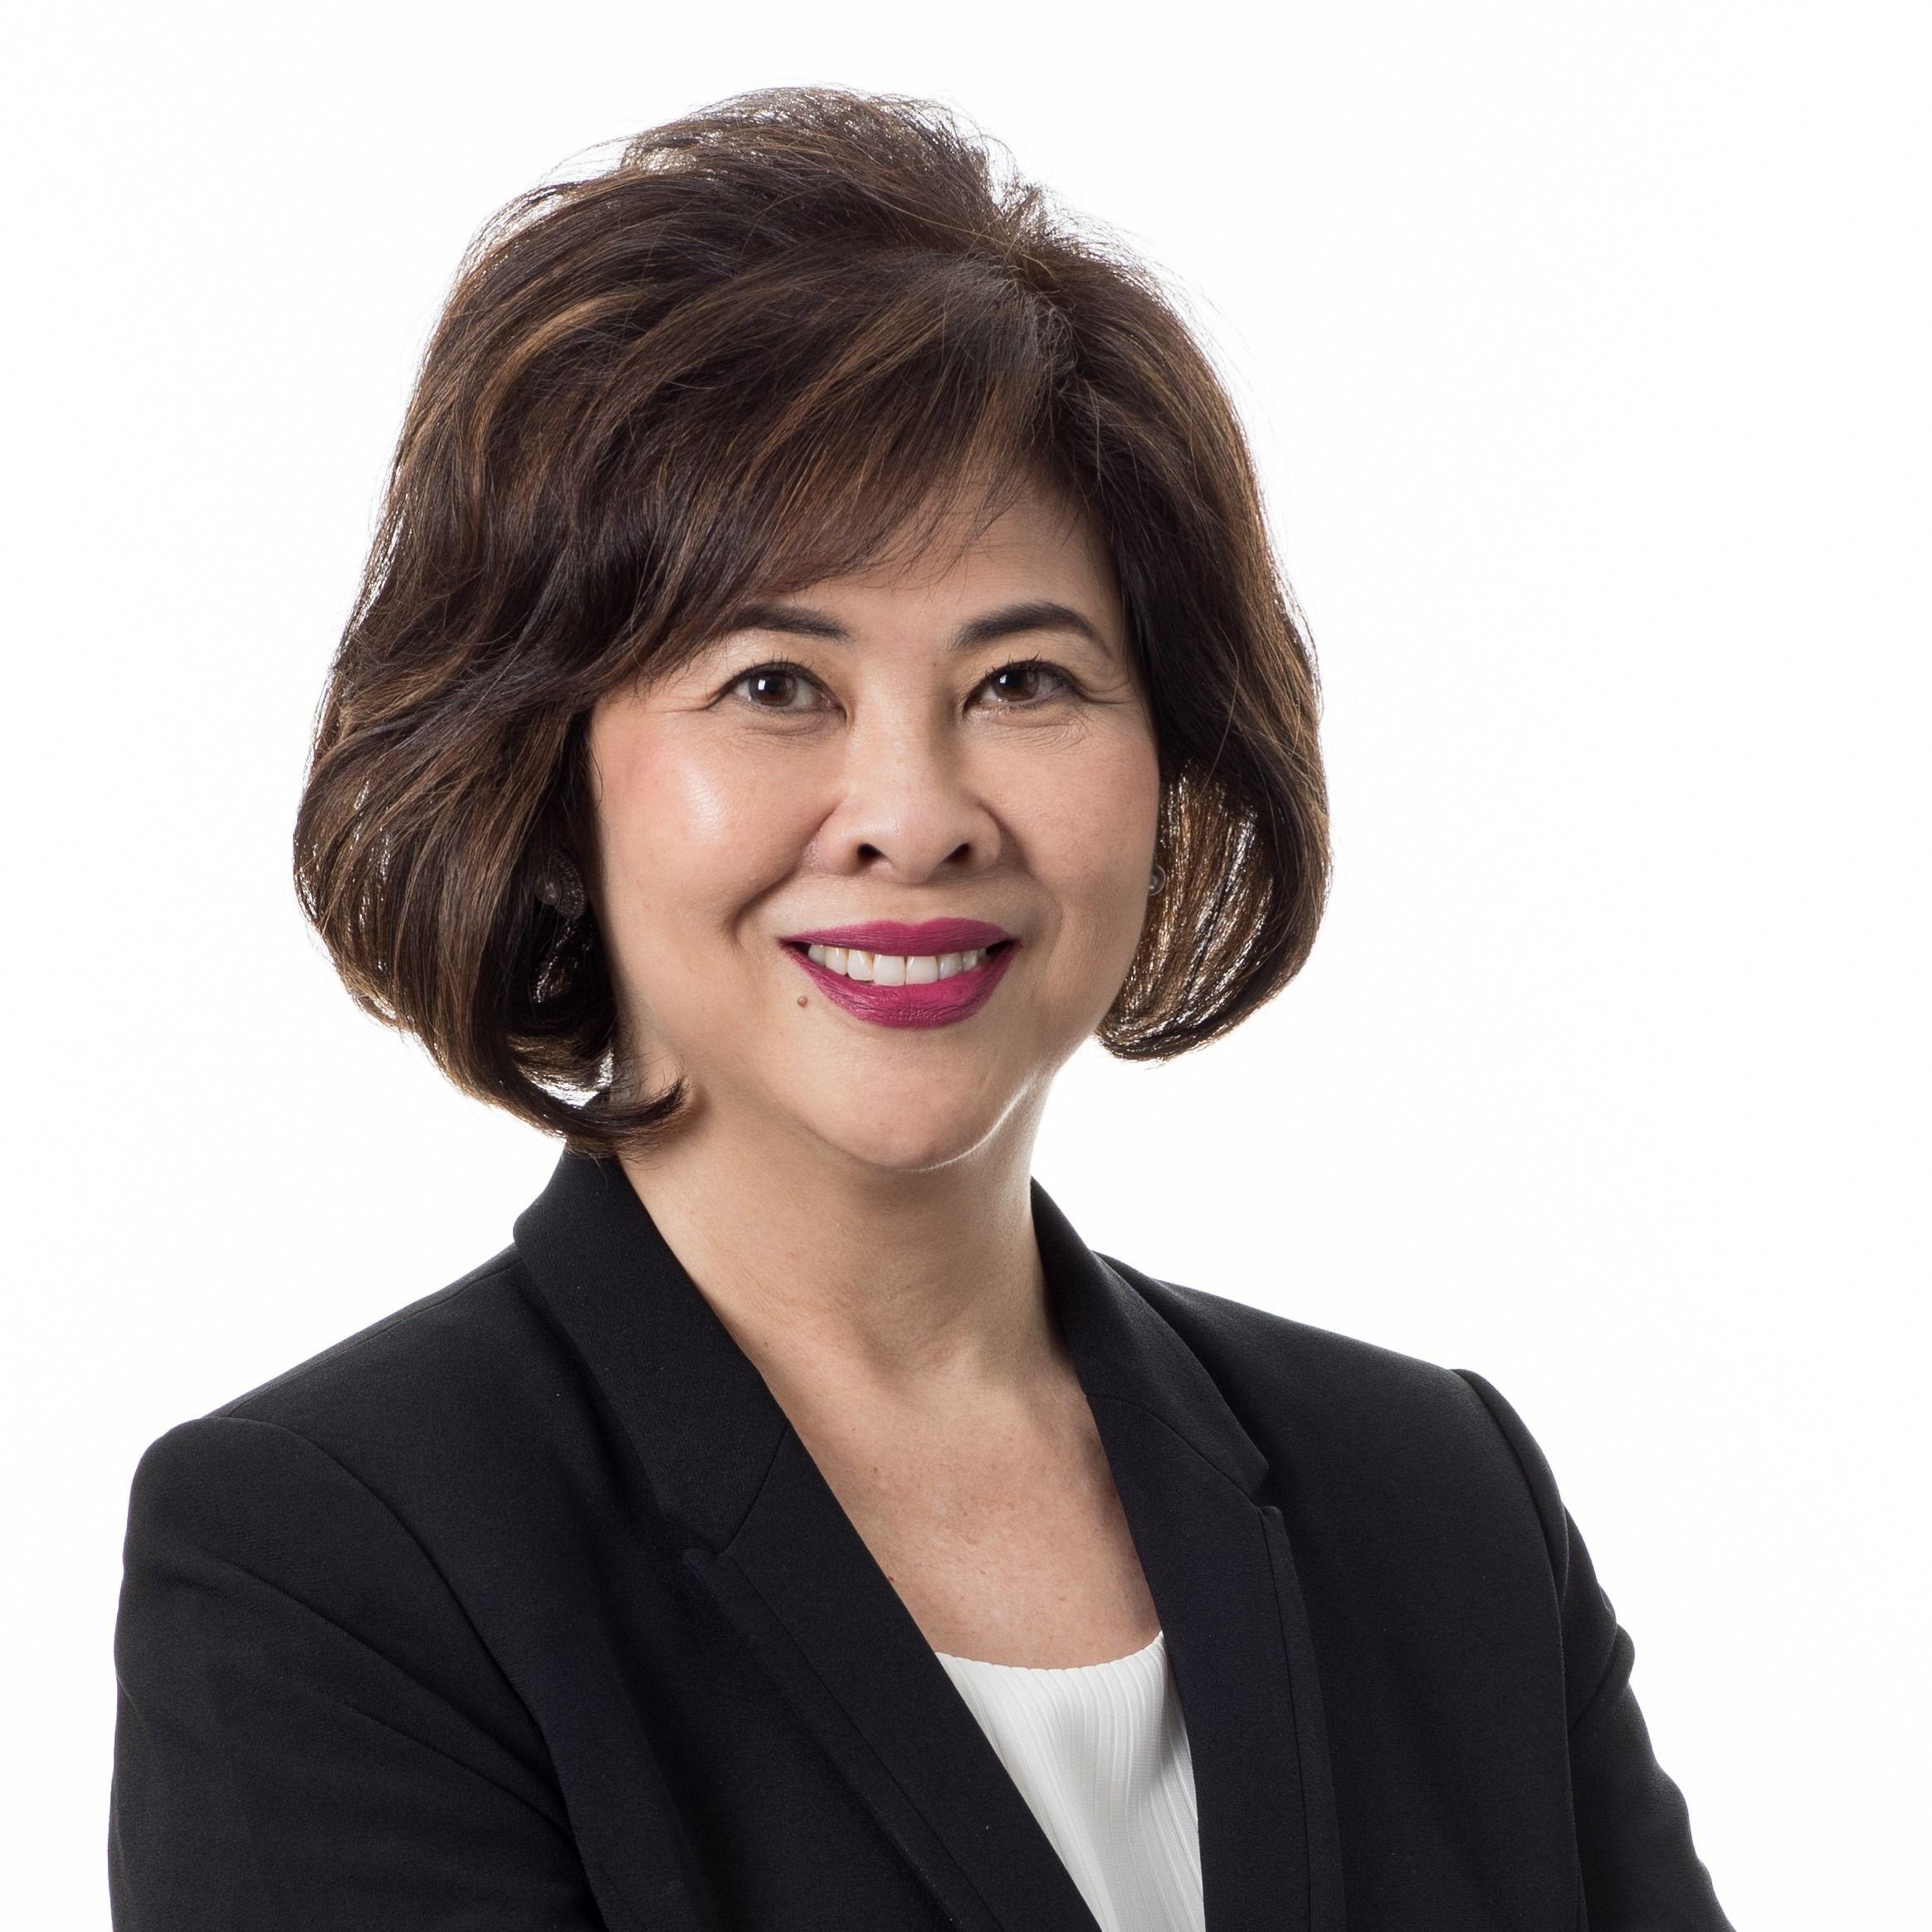 Linda Hoon Siew Kin